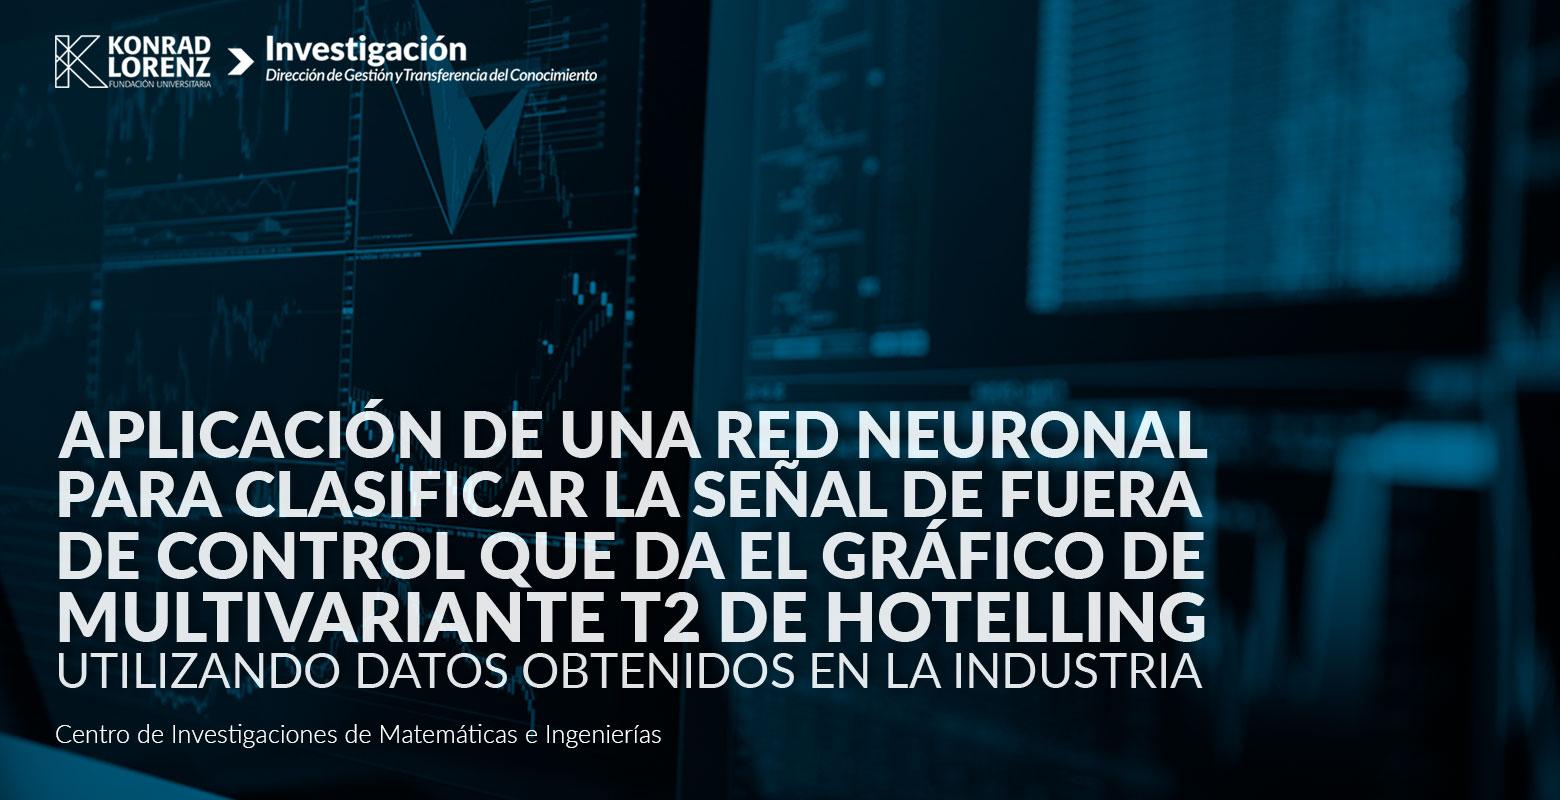 Aplicación de una red neuronal para clasificar la señal de fuera de control que da el gráfico de multivariante T2 de Hotelling utilizando datos obtenidos en la industria